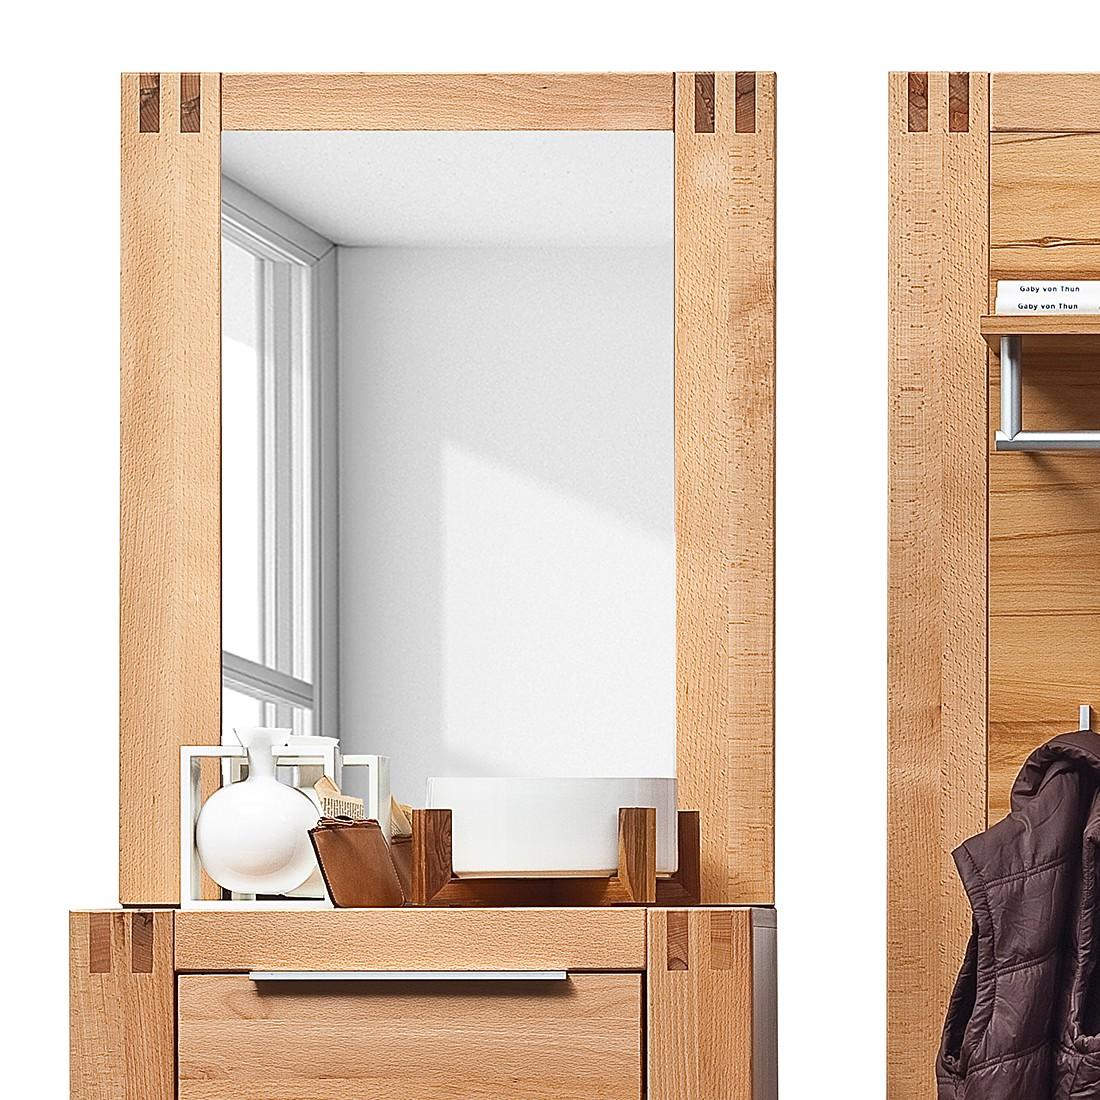 Garderobenspiegel Tiana – Kernbuche, Modoform günstig online kaufen